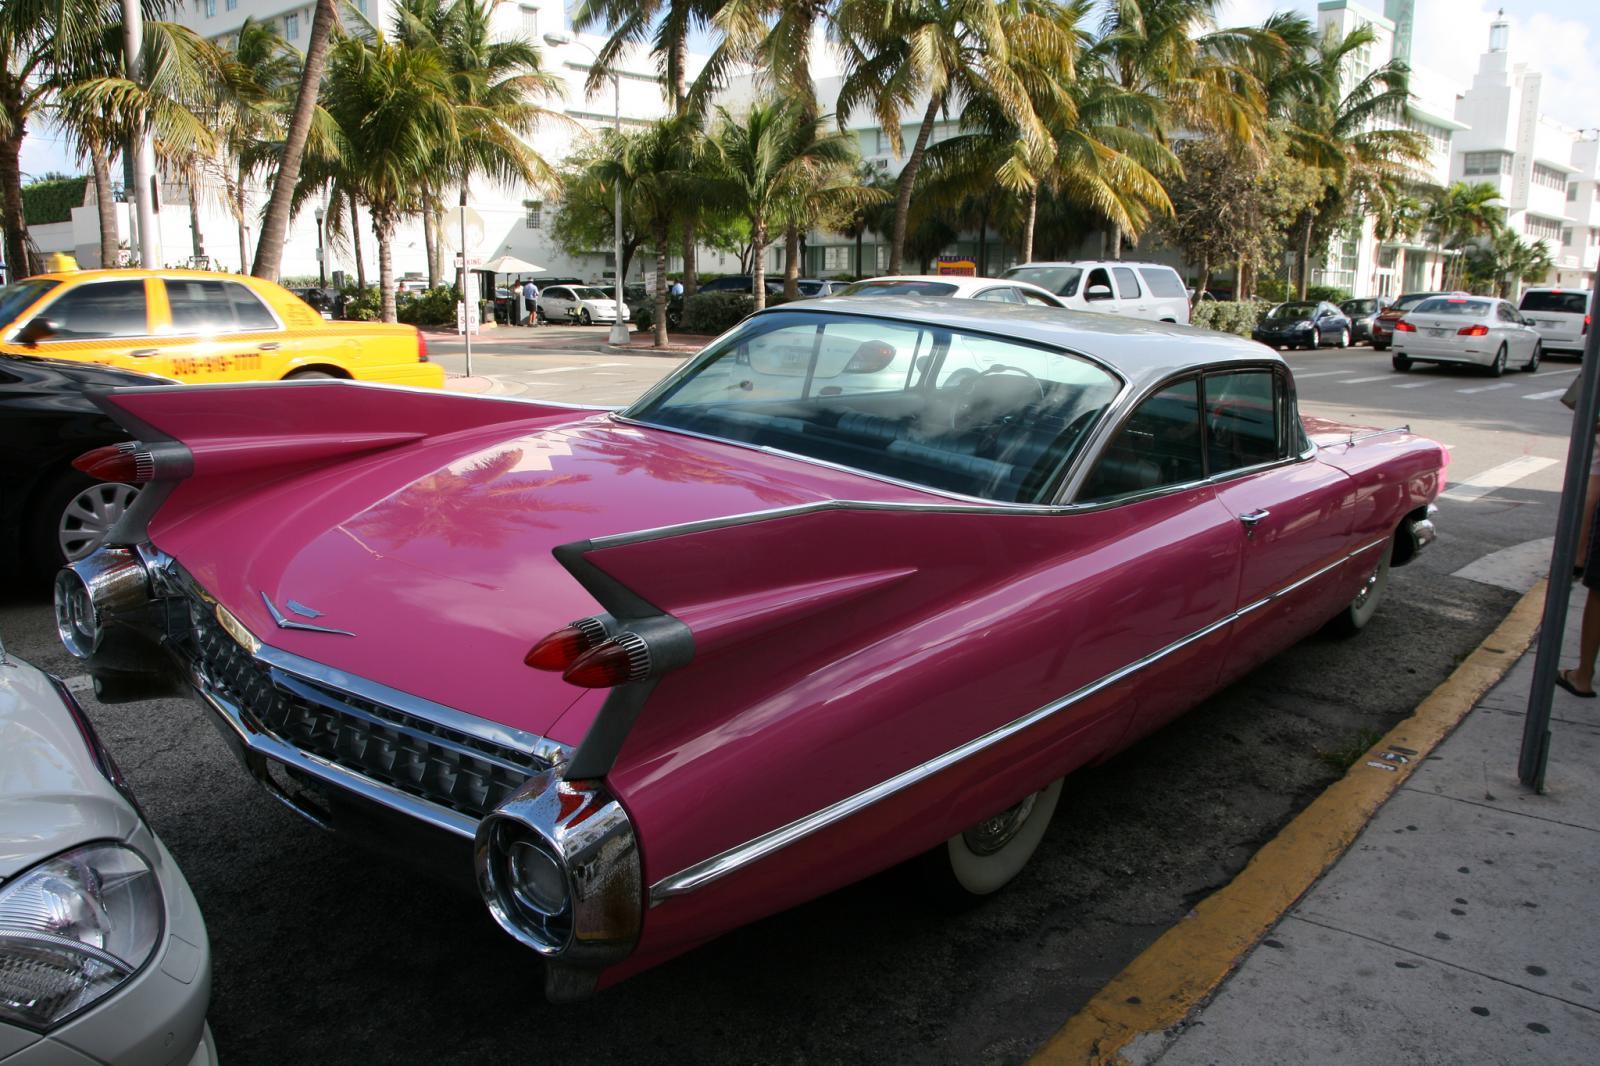 La Collins Avenue en Miami y un coche clásico